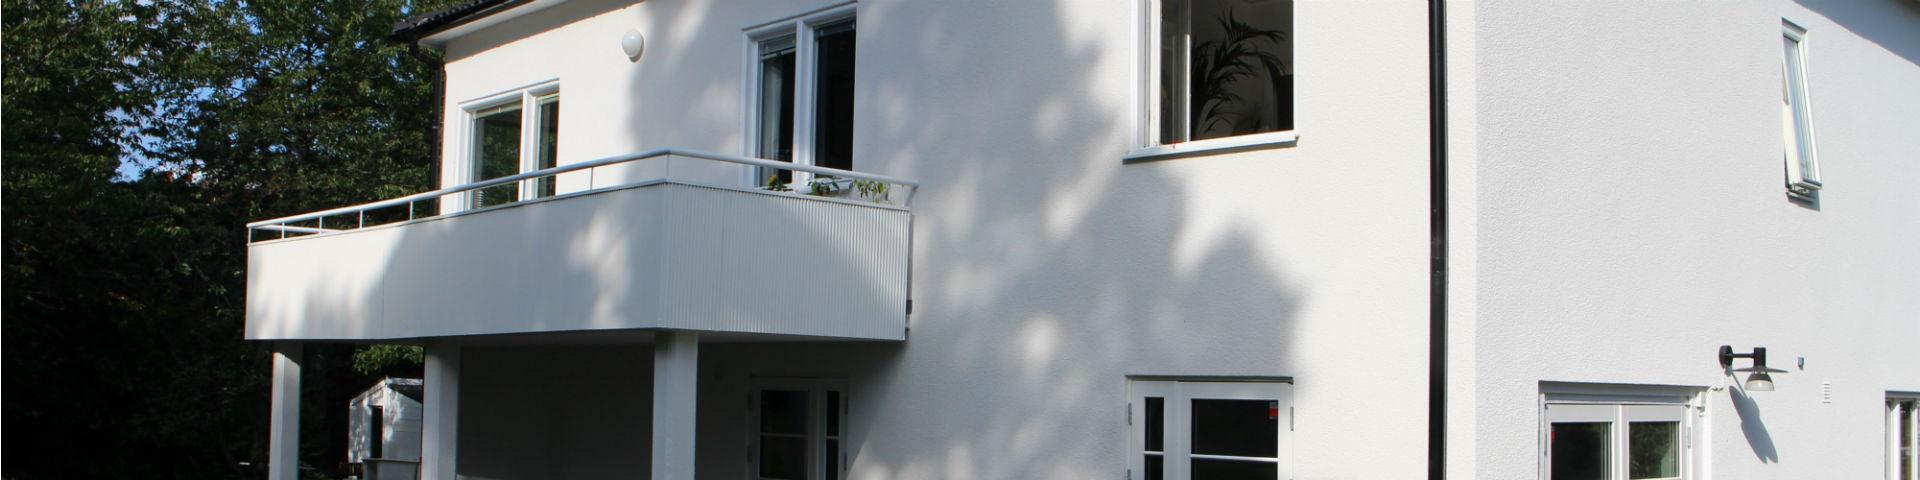 Stänkputsning av fasad med ädelputs. Stockholm - Bromma.